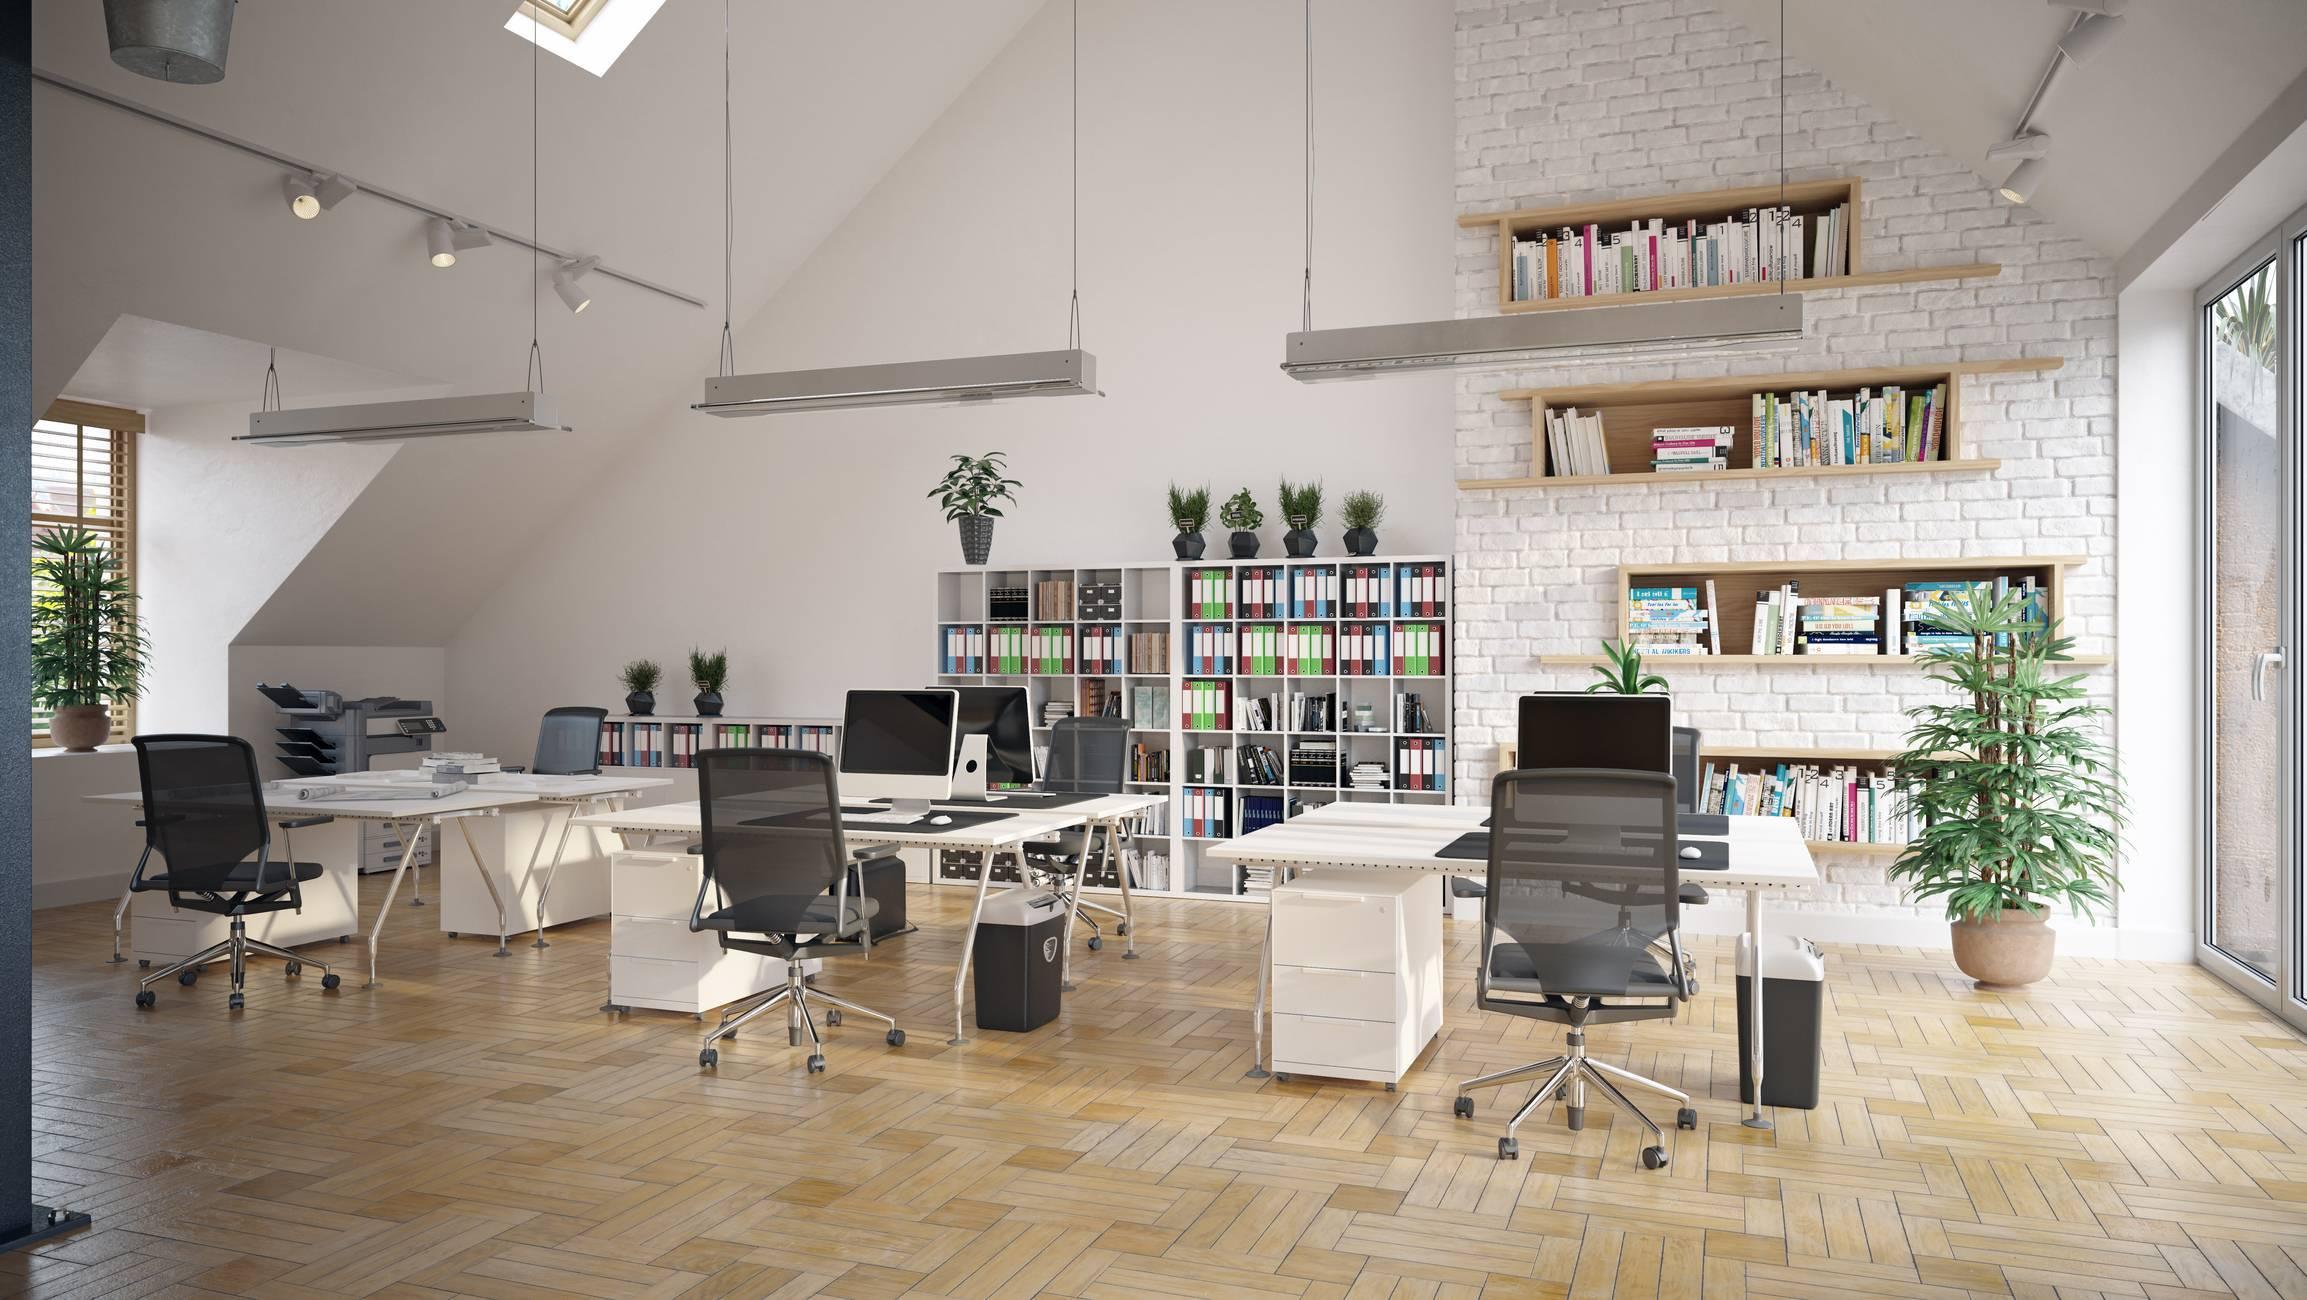 immobilier d'entreprise location de bureaux